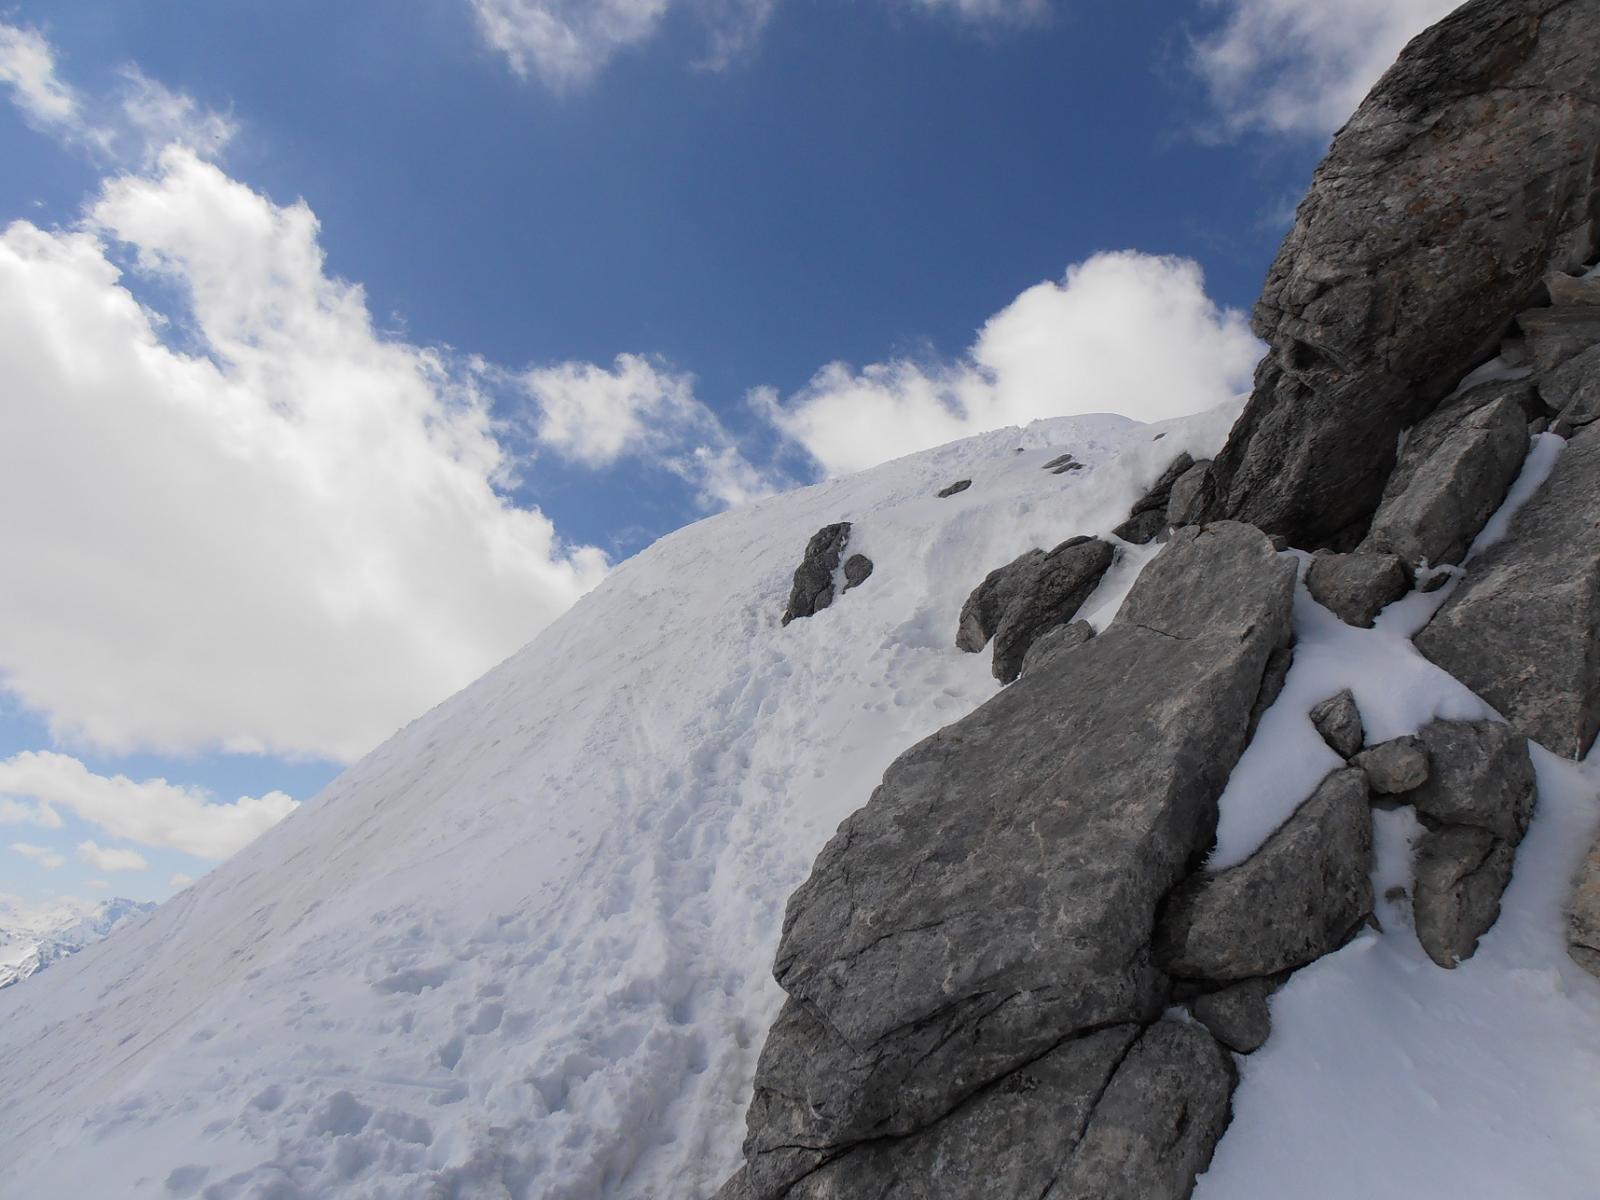 03 - inizio cresta finale, dove si lasciano gli sci